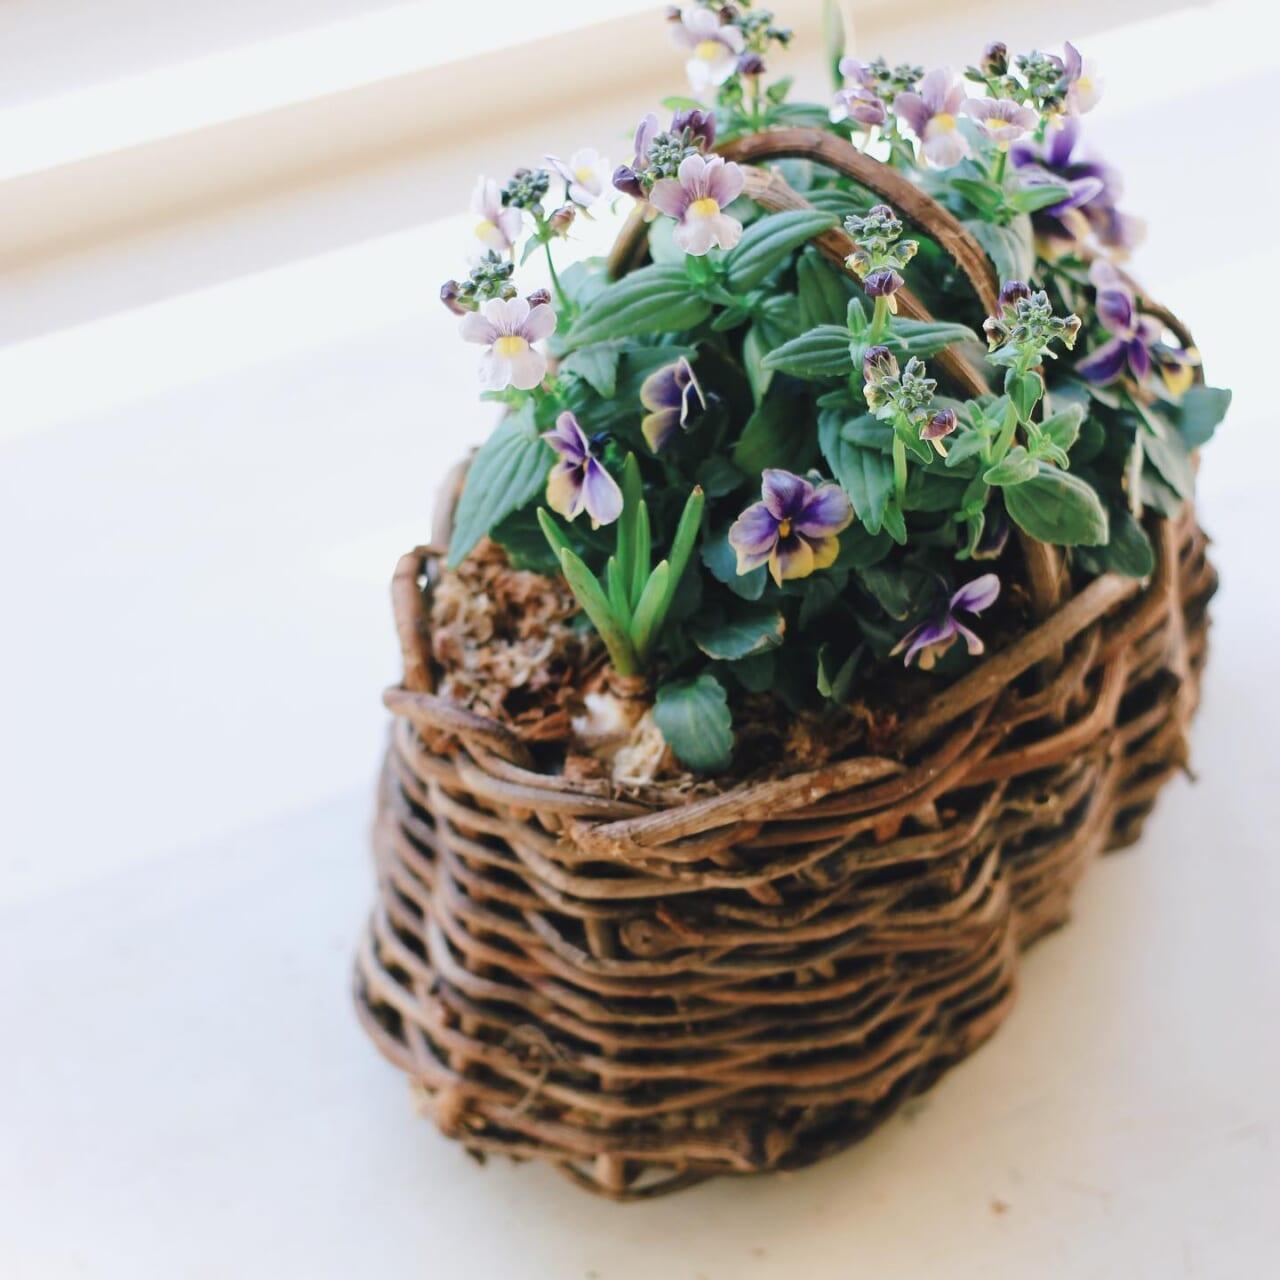 オーバルの籠はかなりちいさめだし寄せ植えしてみたら取手があるのでたいへんでしたなんとか、かわいい花畑になりました︎こちらもムスカリとスノードロップ入りで咲くのが楽しみです︎#寄せ植え#ビオラ#ネメシア#ムスカリ#スノードロップ#球根️猫には球根はダメです 気をつけてね♀️#春の花#春の寄せ植え#趣味の園芸#ガーデニング#花のある暮らし#花のある生活#植物のある暮らし#植物のある生活#植物と暮らす#籠#籠編み#かご好き#地域猫活動#地域猫の鼻チョビちゃん支援shopで寄せ植えいかがでしょうか?🤫ひとつ前の寄せ植え、過去最高にたくさんの方に見ていただきありがとうございます️2021.01.24 #植物がないと生きていけない 